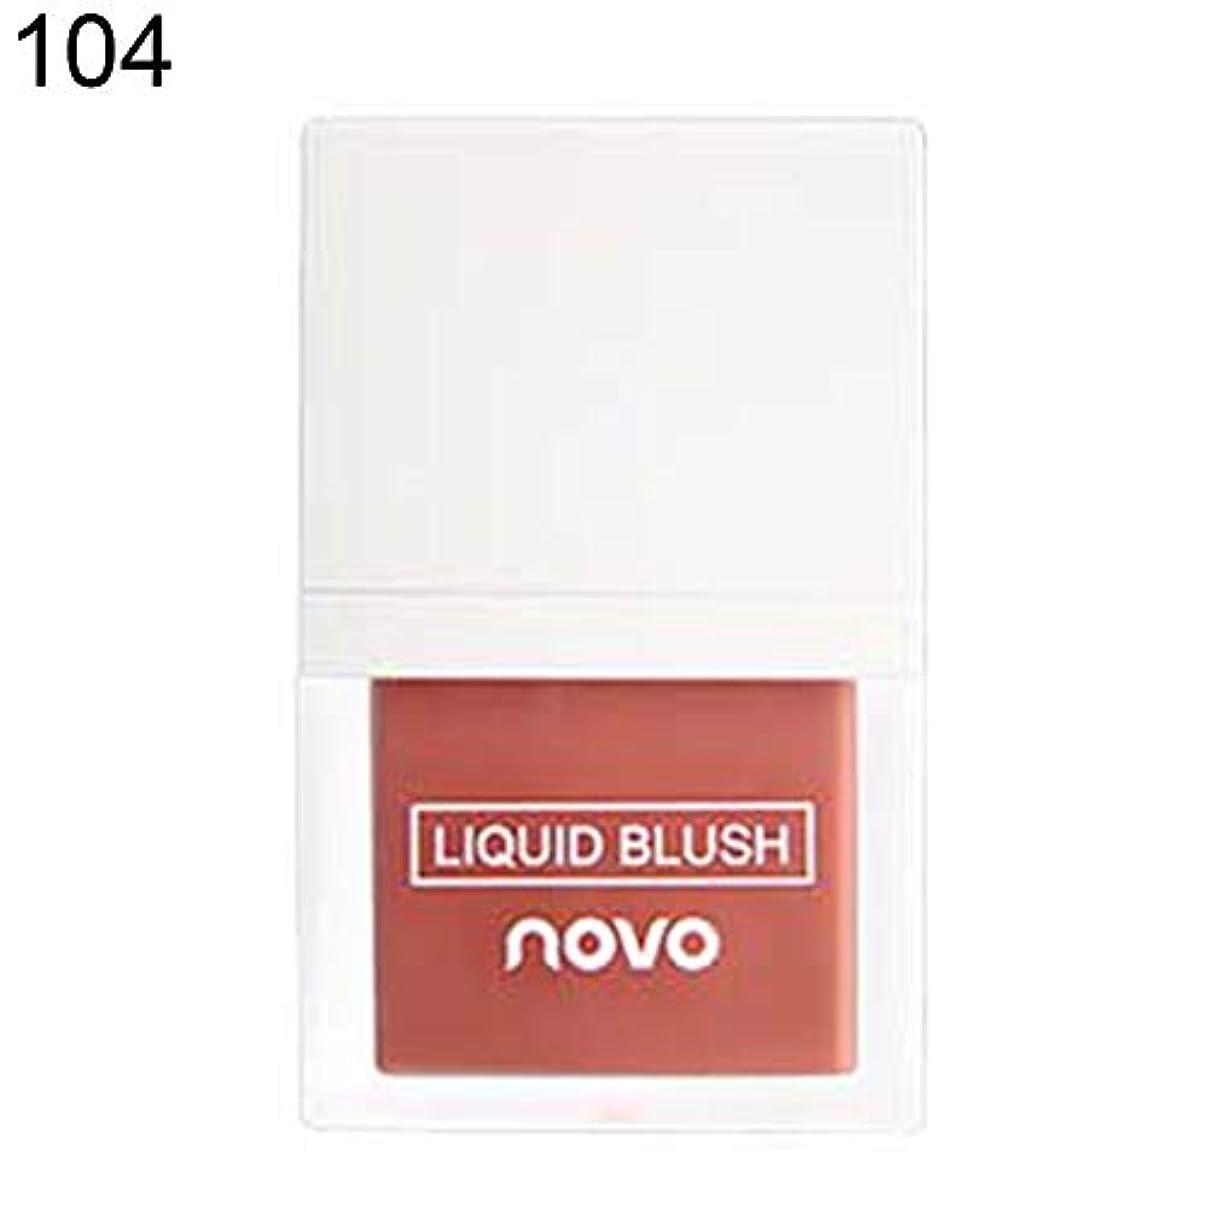 看板改修する配当NOVO輝く長続きがする液体赤面保湿ナチュラルフェイス輪郭メイク - 4